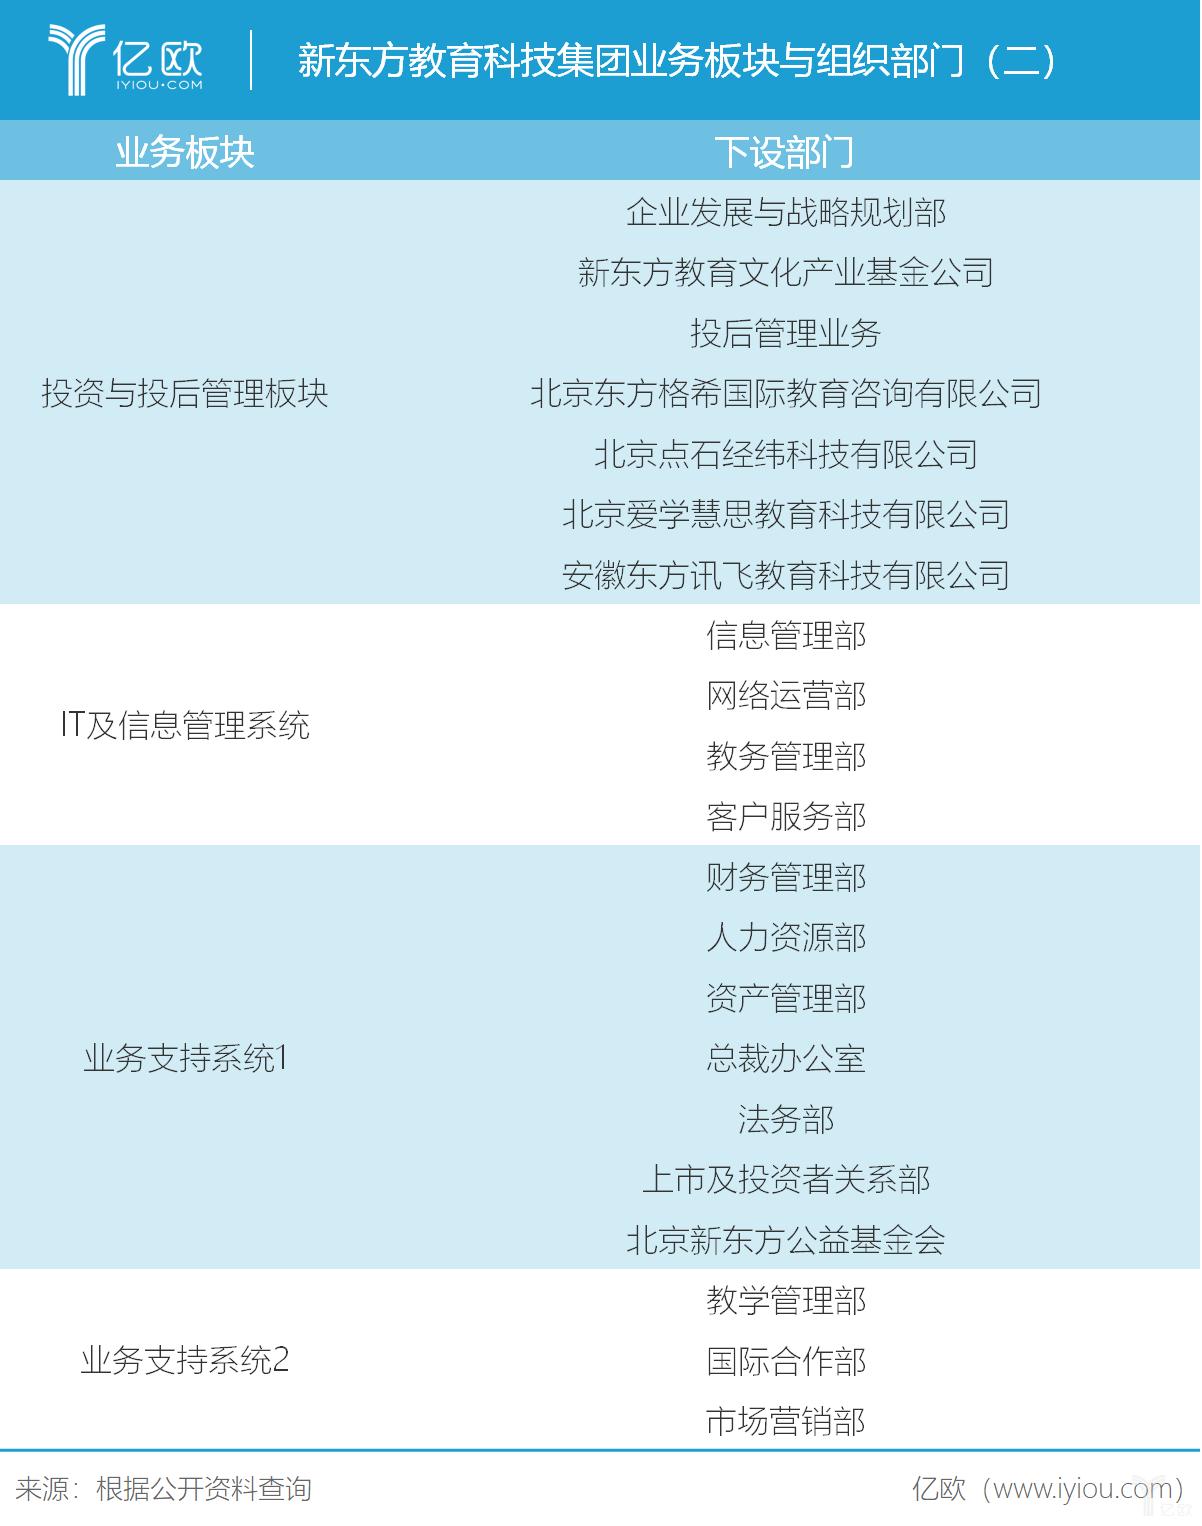 亿欧智库:新东方业务板块与组织部门